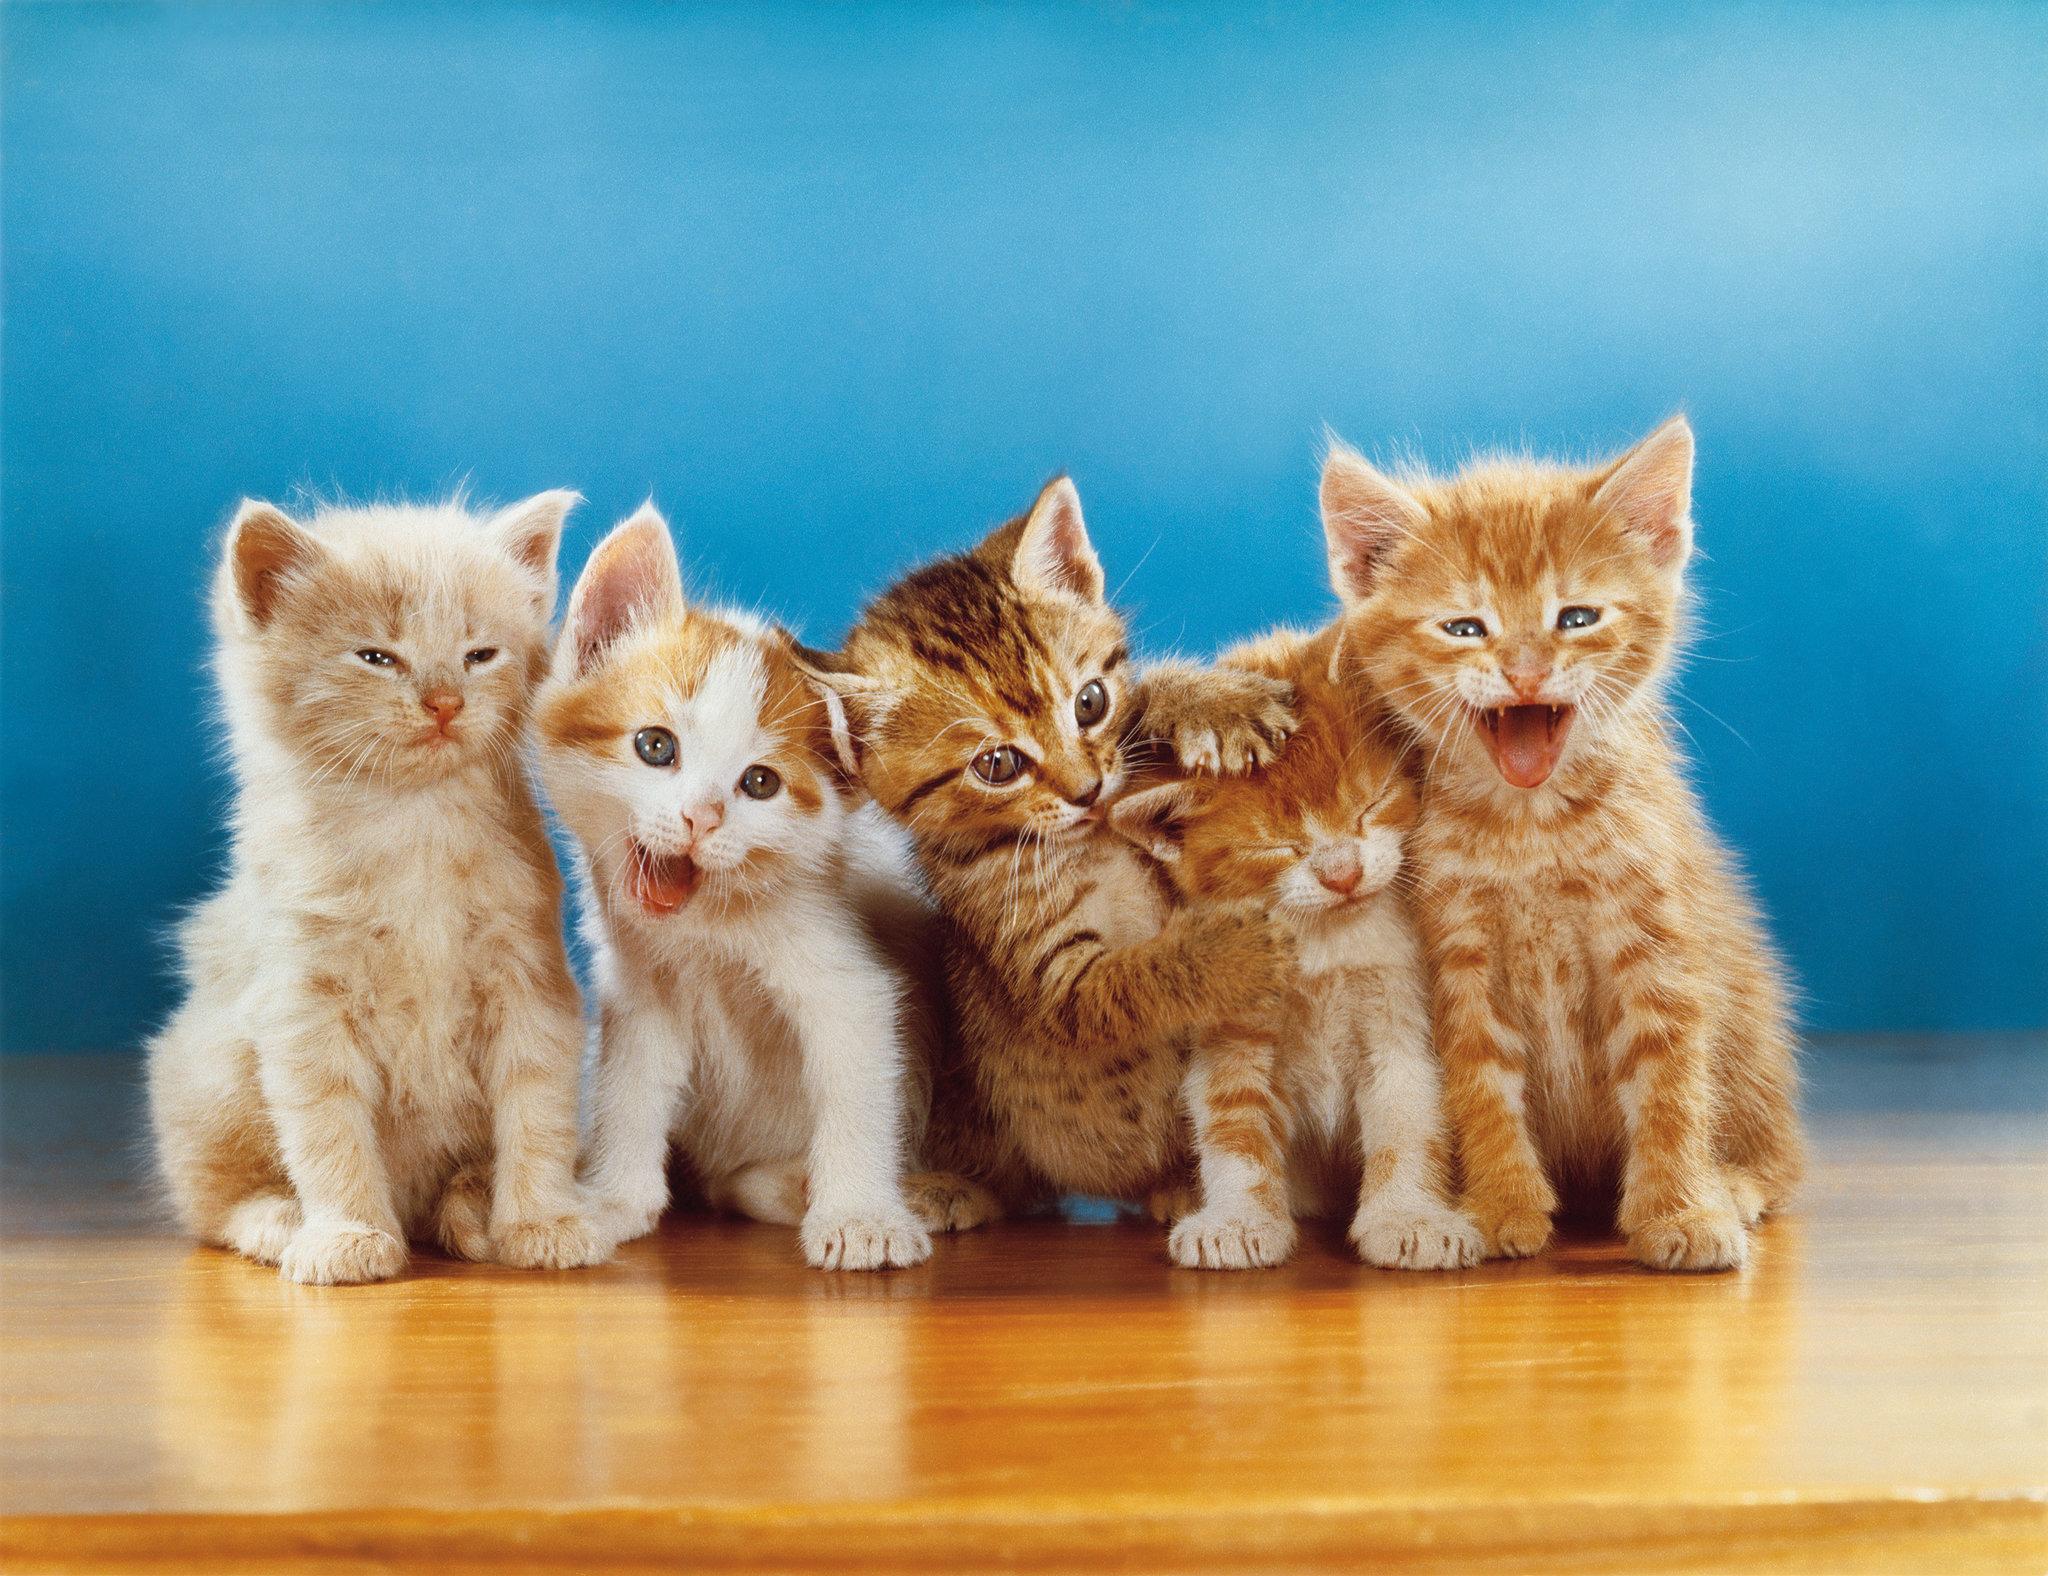 Walter chandoha il sommo fotografo dei gatti stile arte for Immagini gatti da colorare